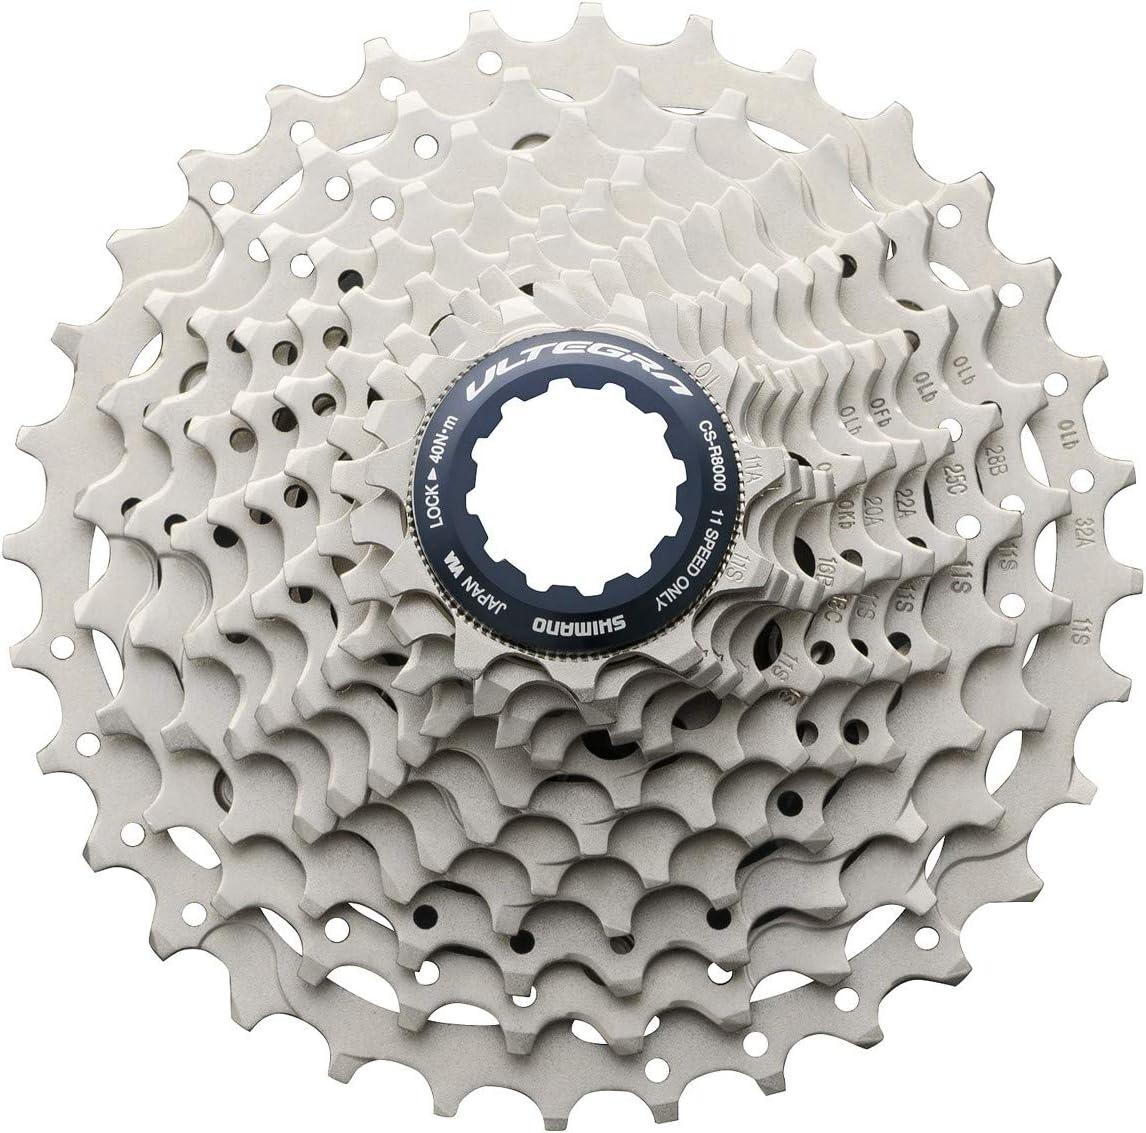 NEW Shimano Ultegra R8000 CS-R8000 Road Bike Cassette 11-25T, 11 Speed